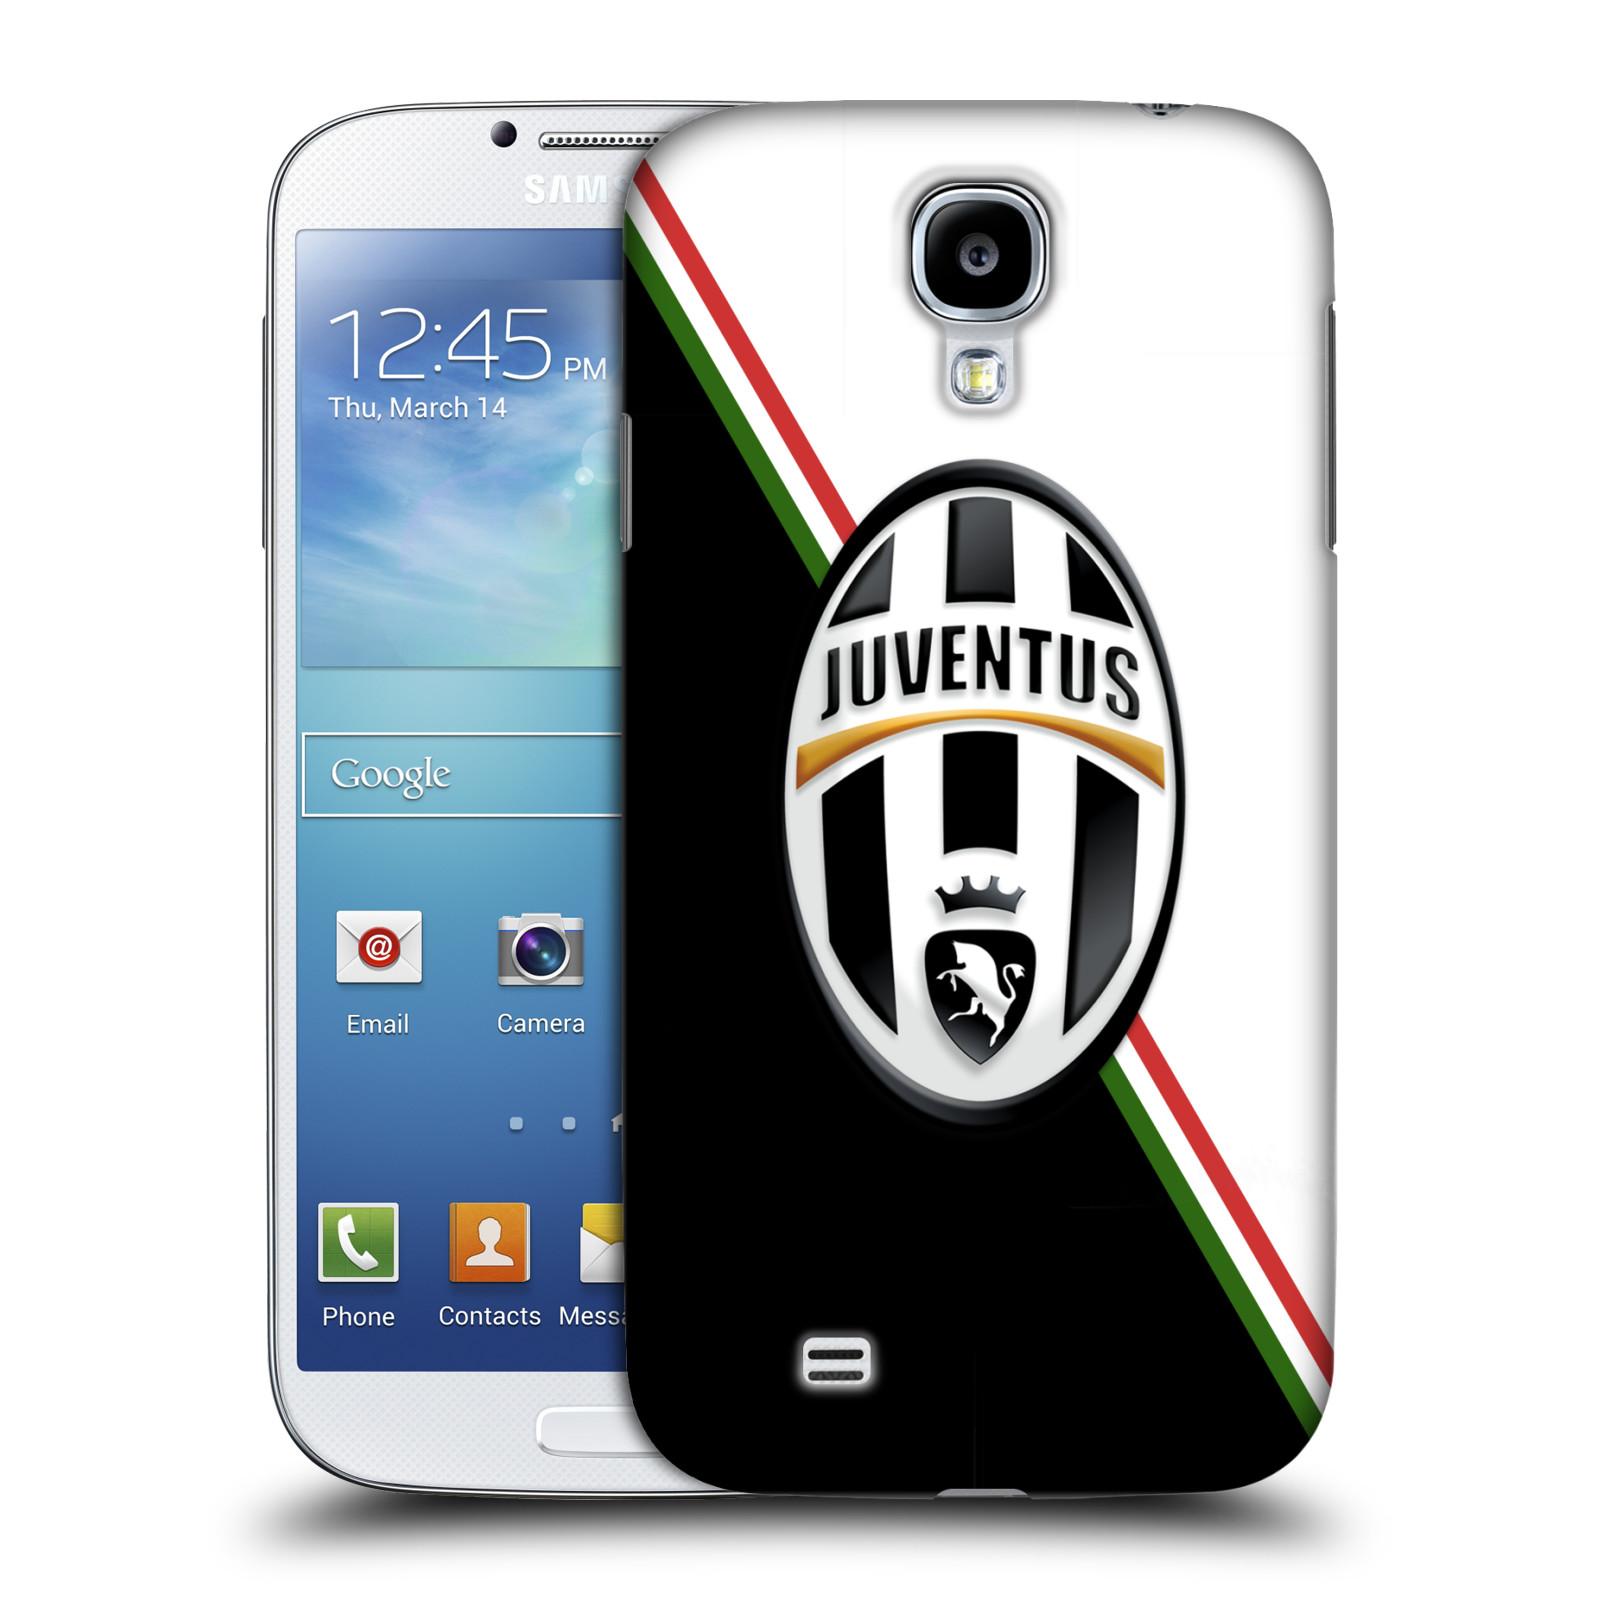 Plastové pouzdro na mobil Samsung Galaxy S4 HEAD CASE Juventus FC - Black and White (Plastový kryt či obal na mobilní telefon Juventus FC Official pro Samsung Galaxy S4 GT-i9505 / i9500)